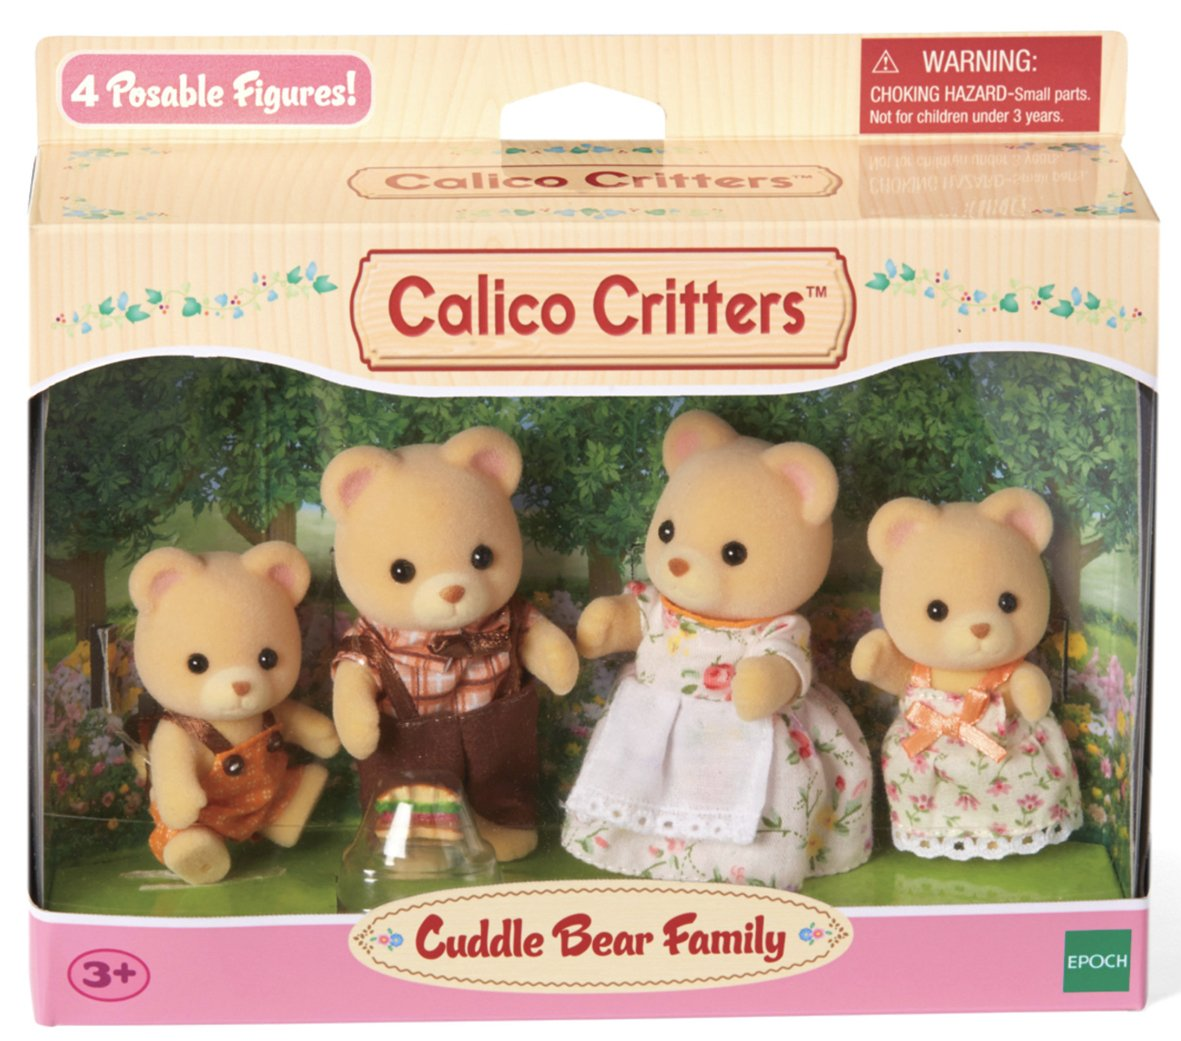 Cc Cuddle Bear Family